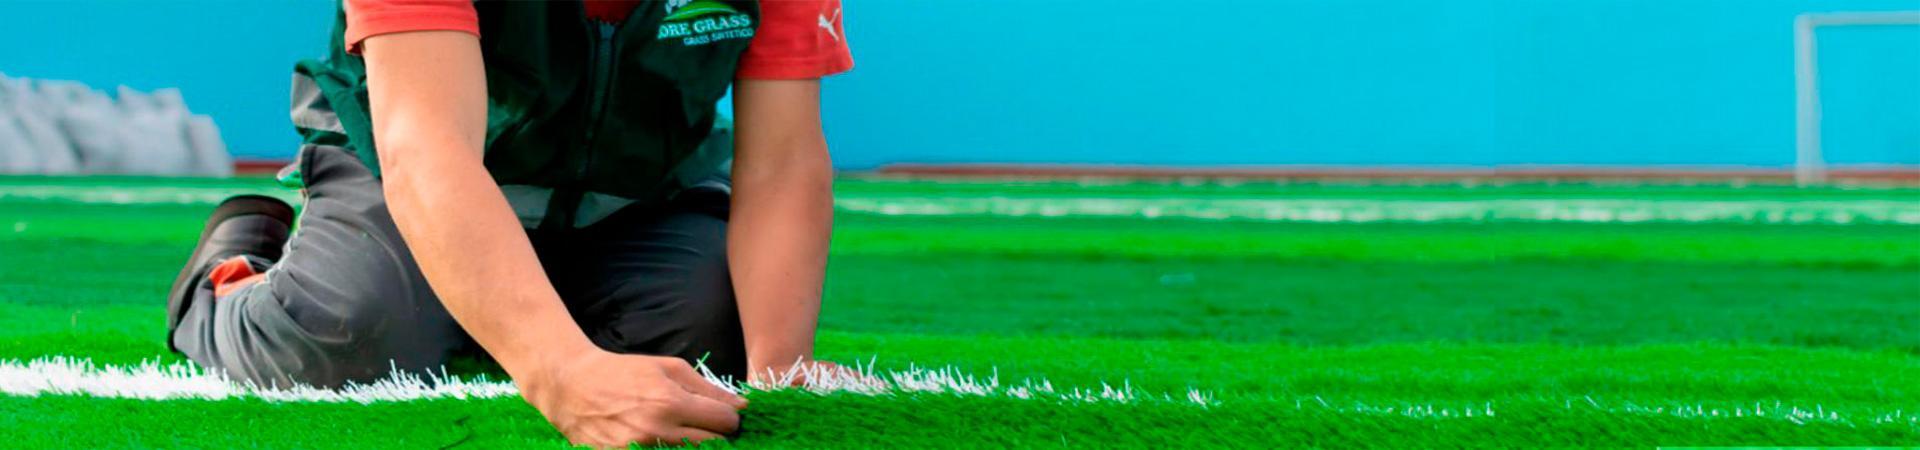 Instalación de Grass Sintético